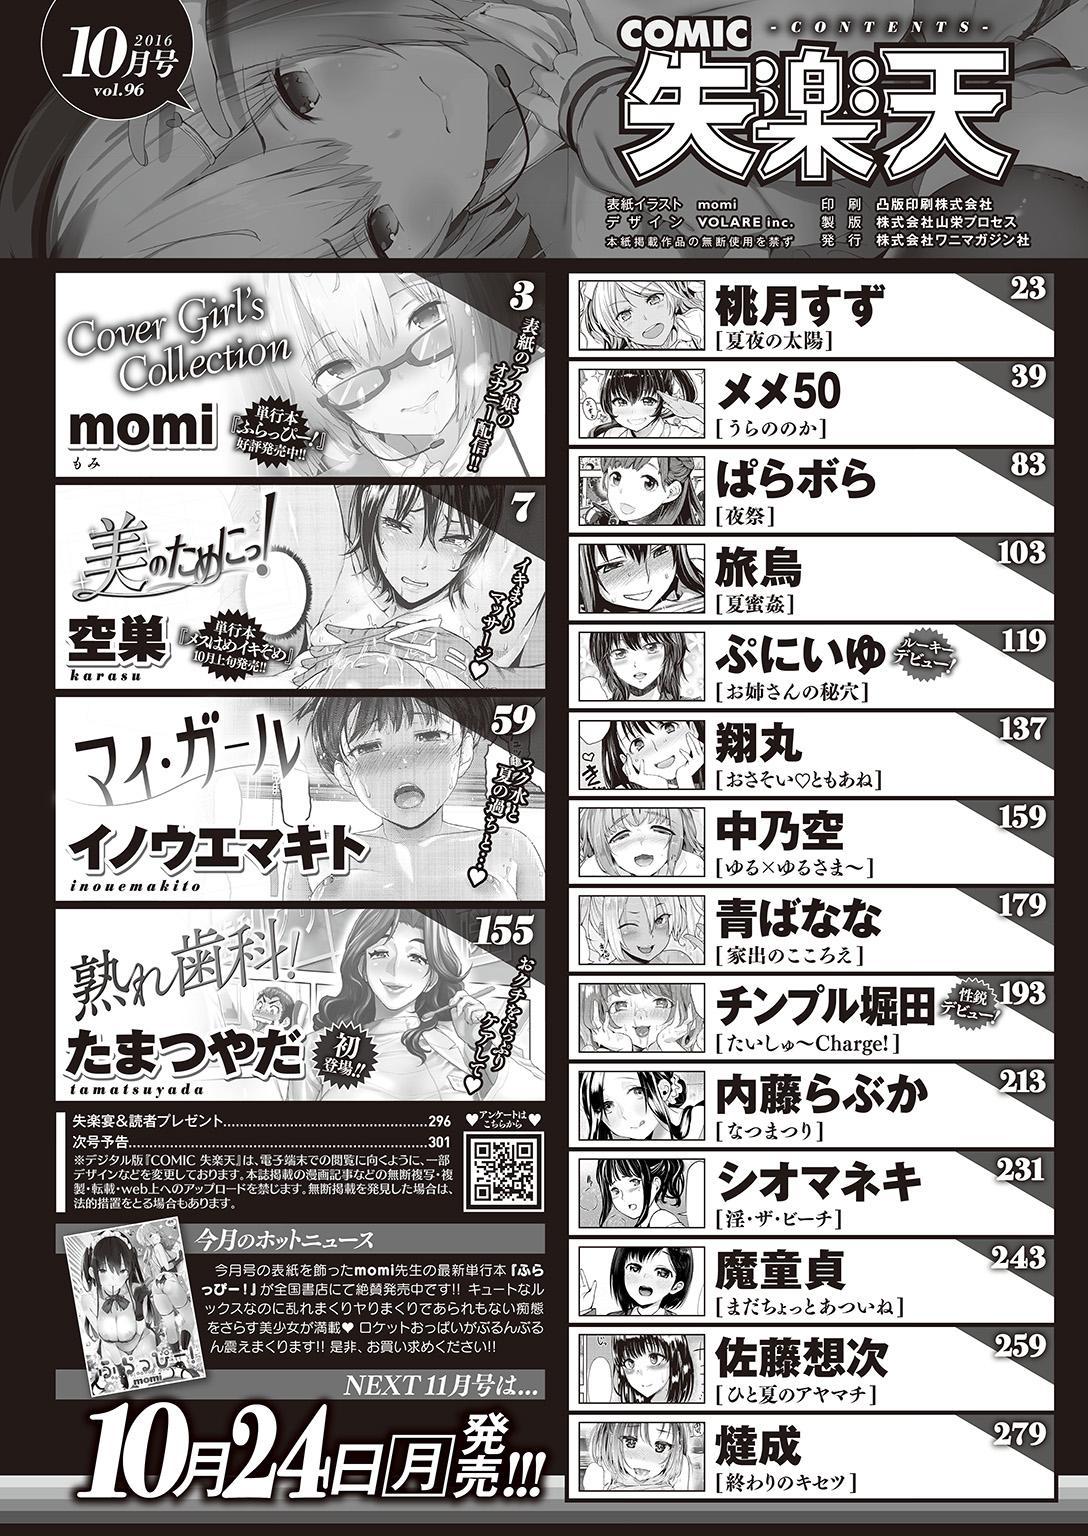 COMIC Shitsurakuten 2016-10 299